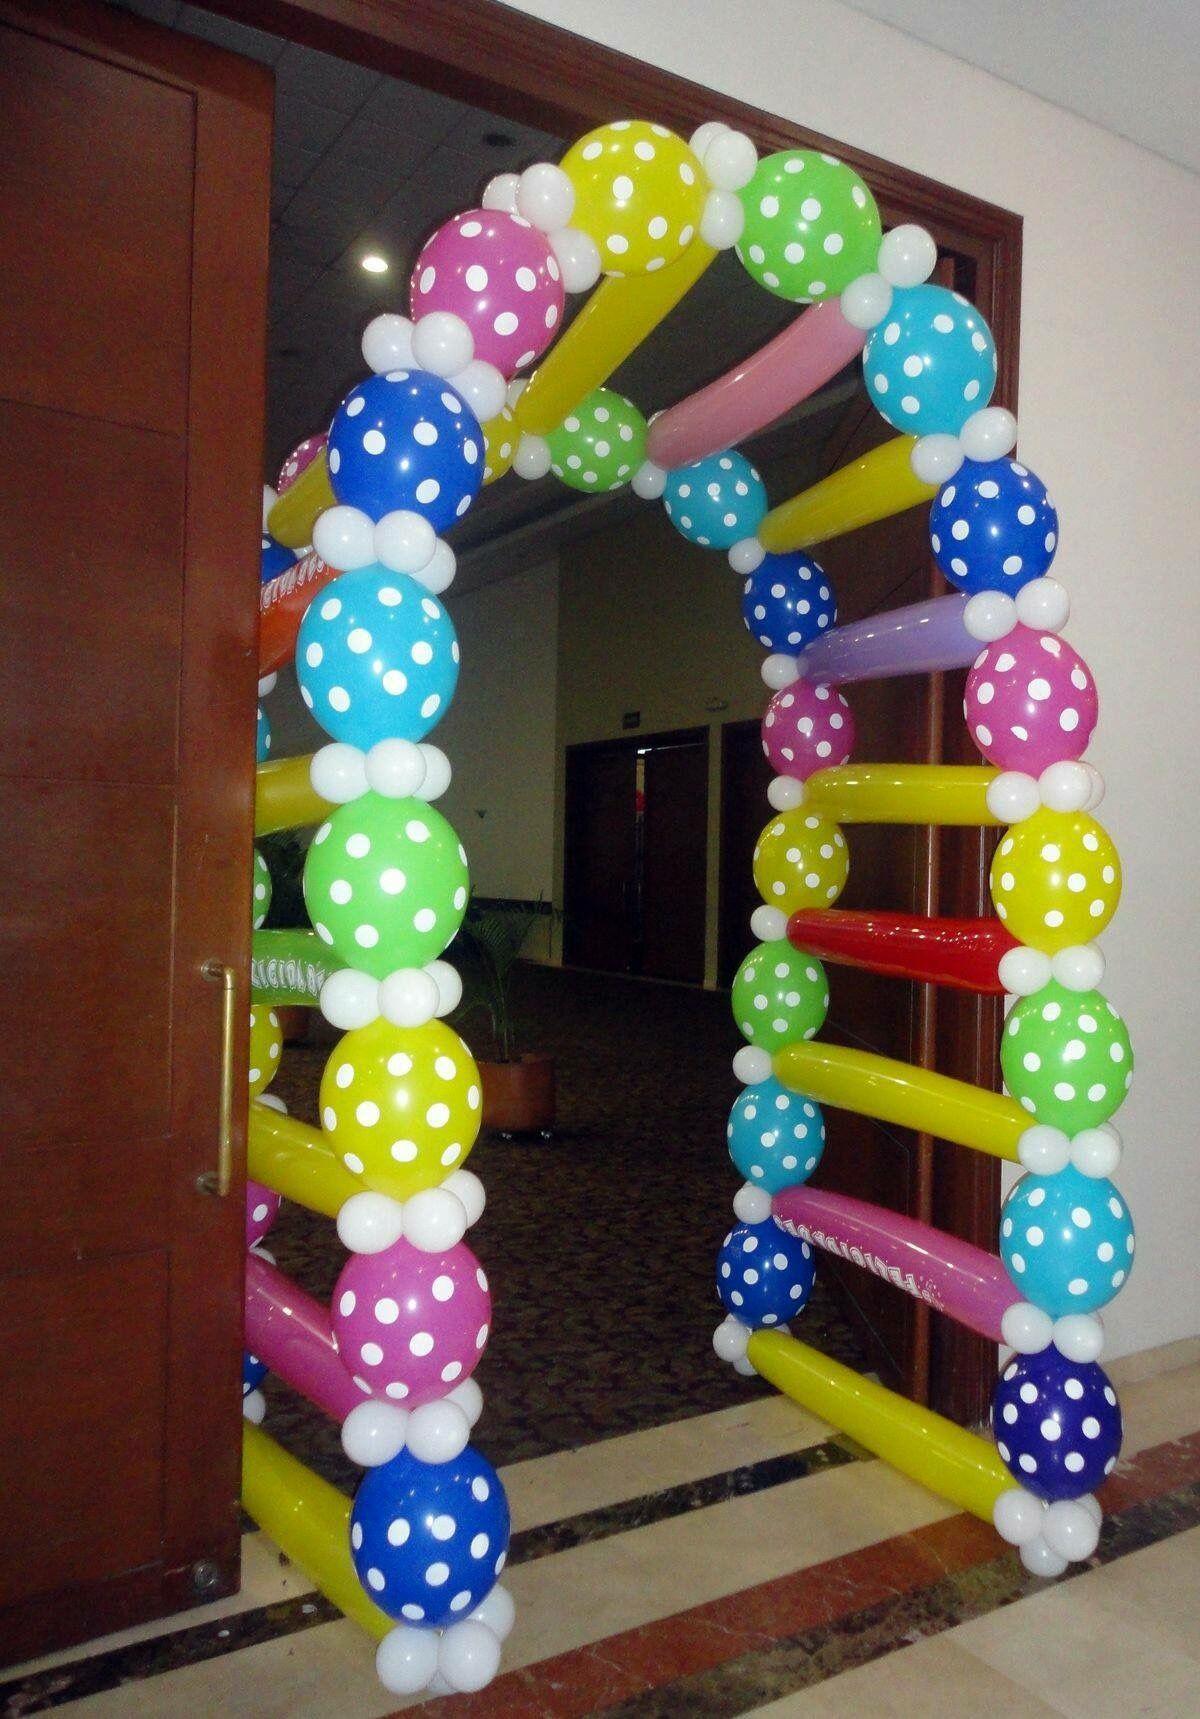 Pin de natalia salas en decoraciones globos pinterest - Decoracion para fiesta adultos ...